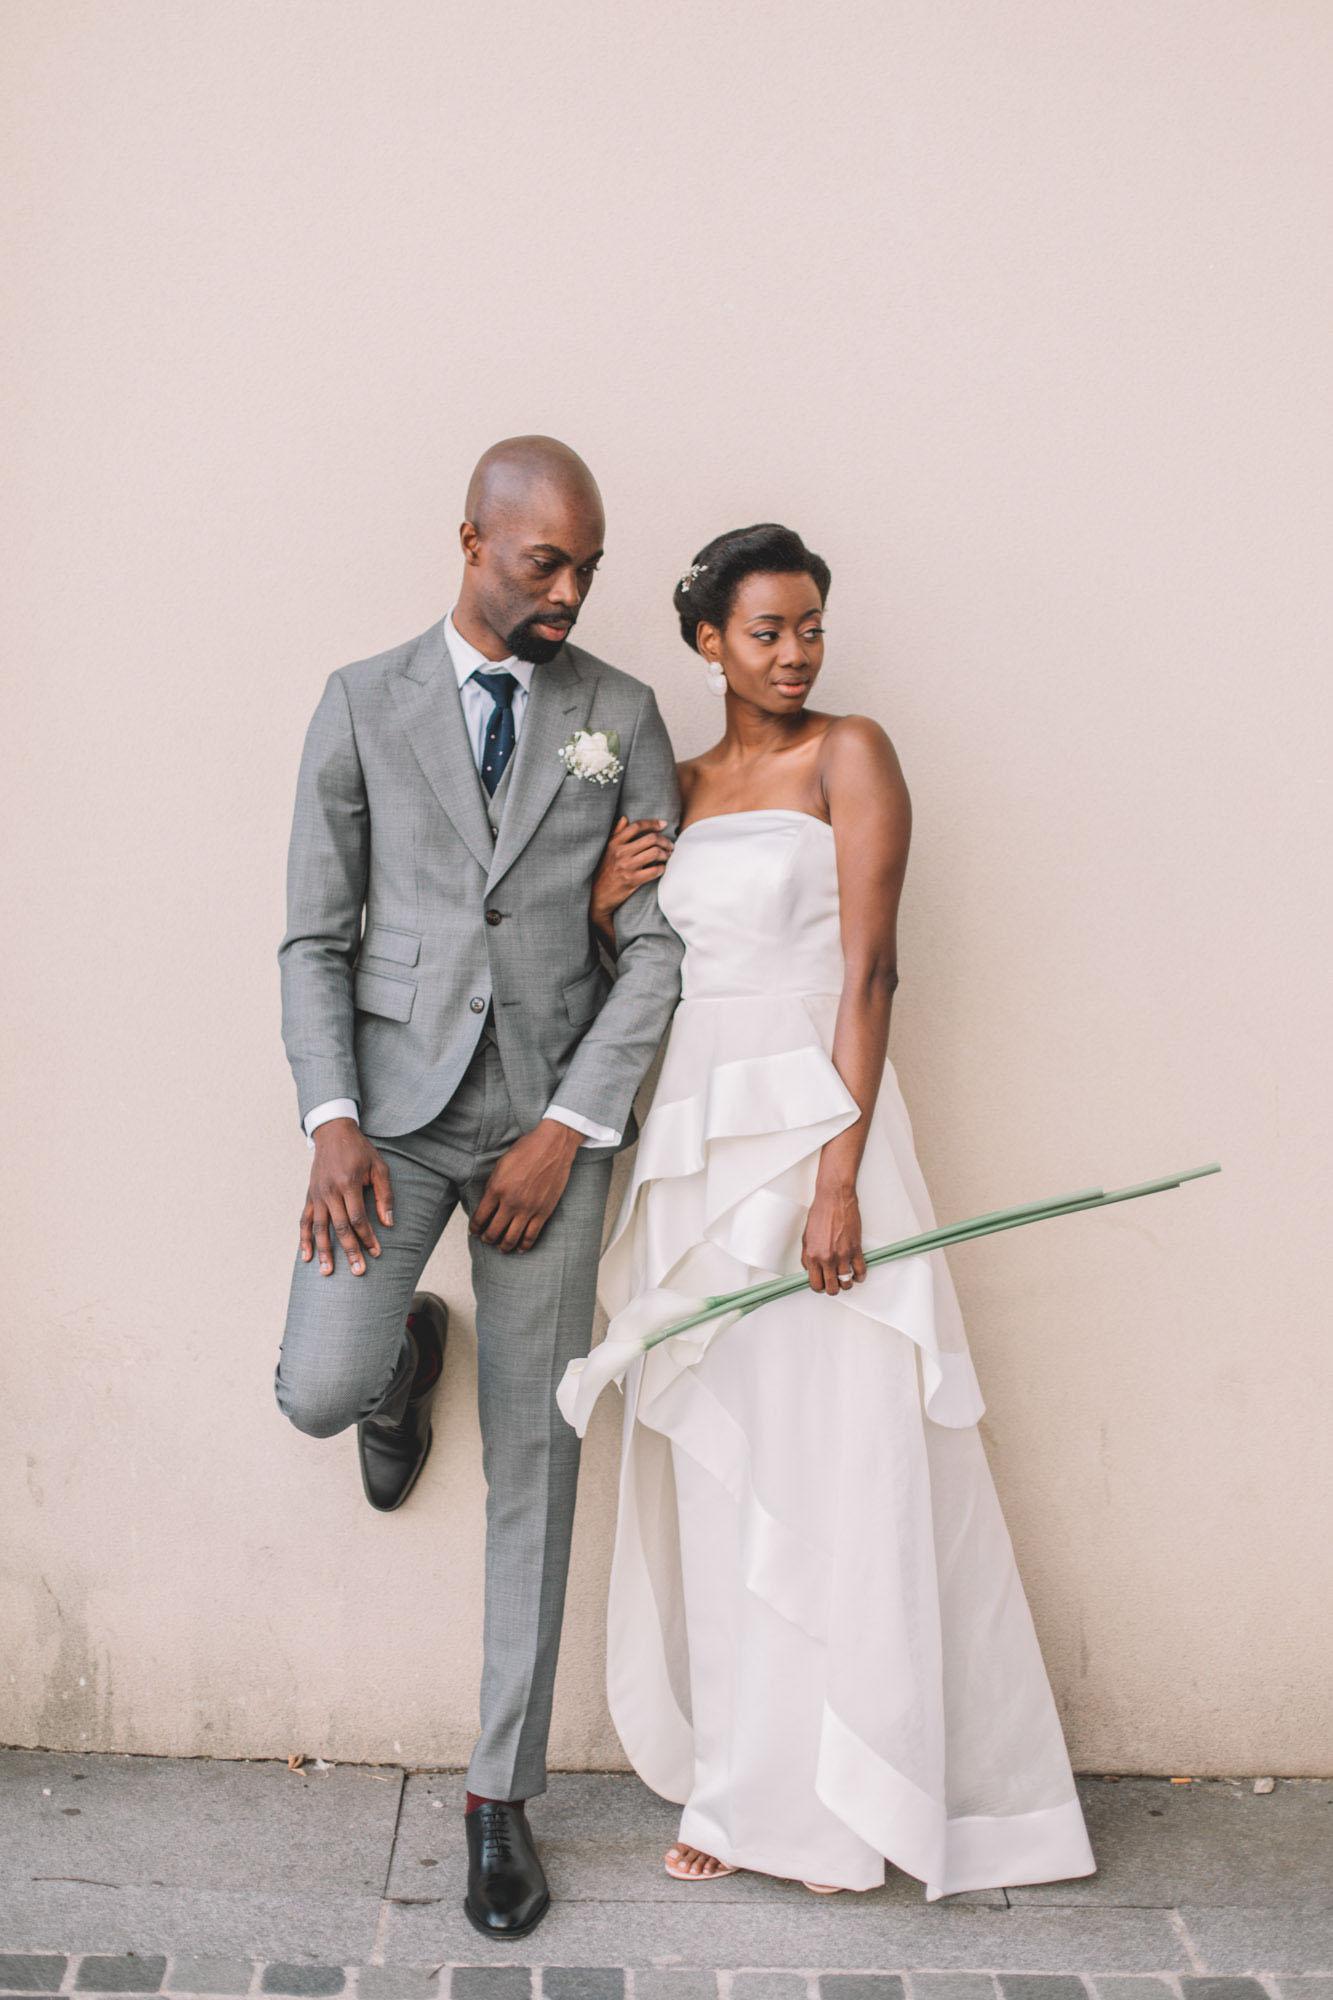 ADJAO + JEAN LOUIS_PHOTOGRAPHE MARIAGE_LES BANDITS-4